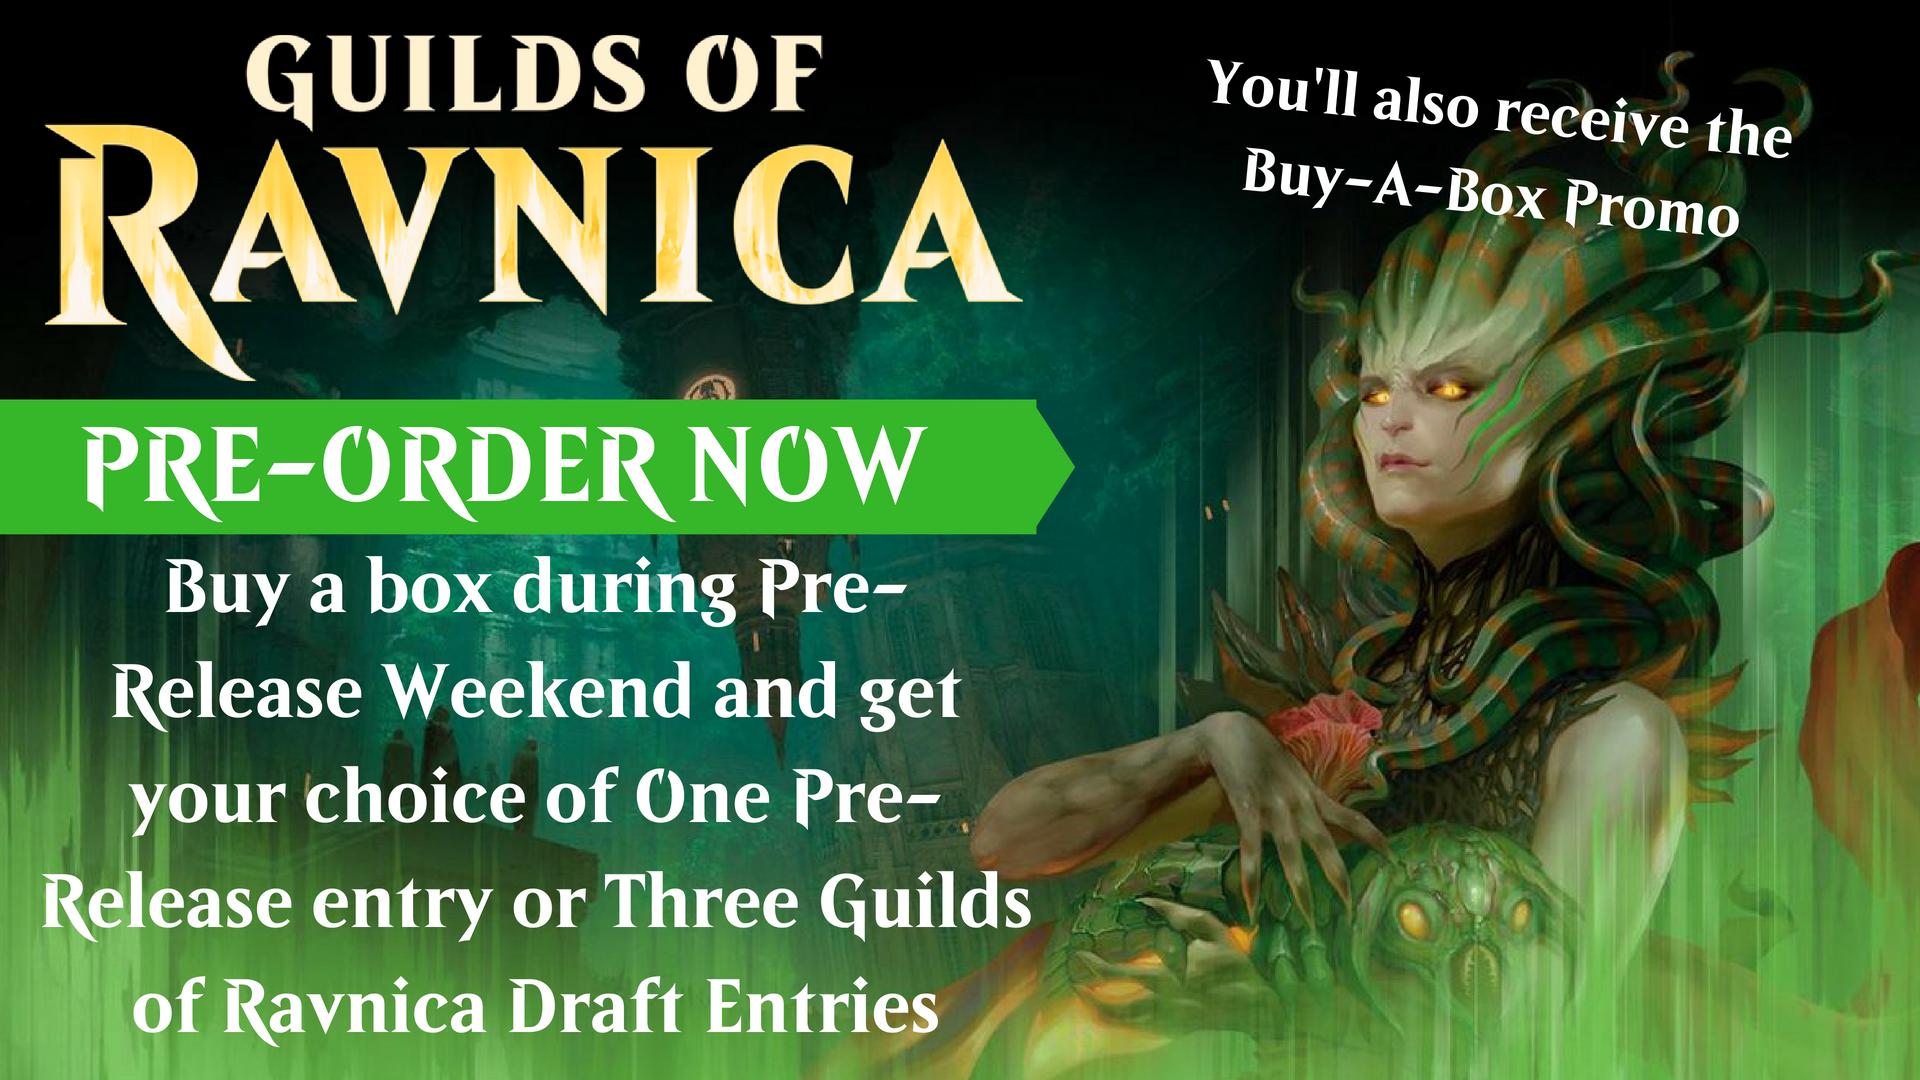 GUILDS OF RAVNICA PRE-ORDER NOW.jpg